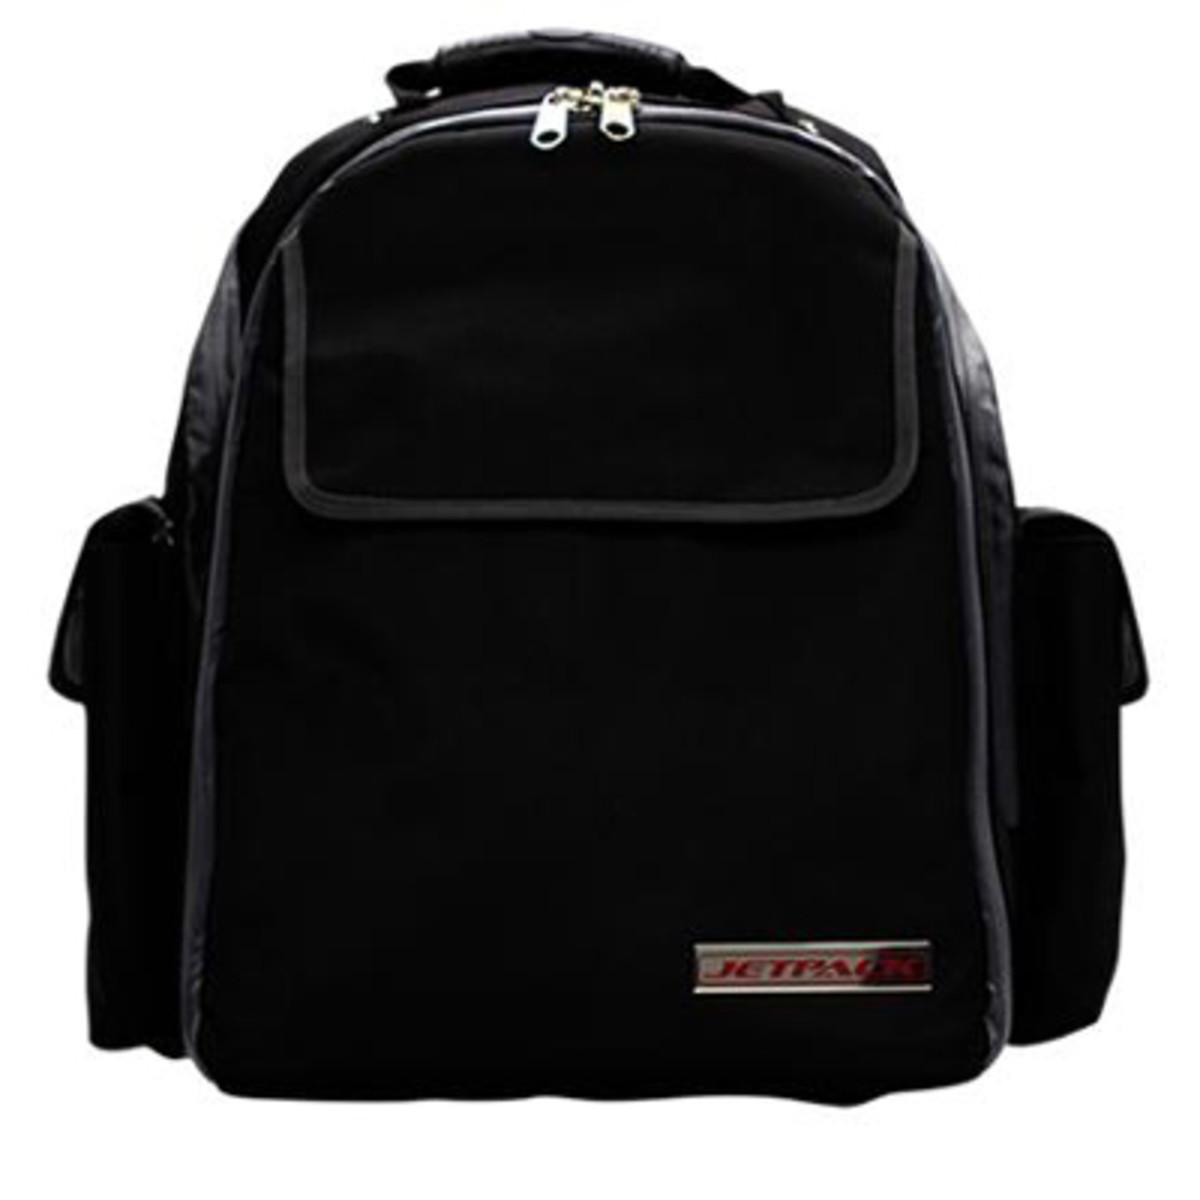 jetpackbackpack2.jpg